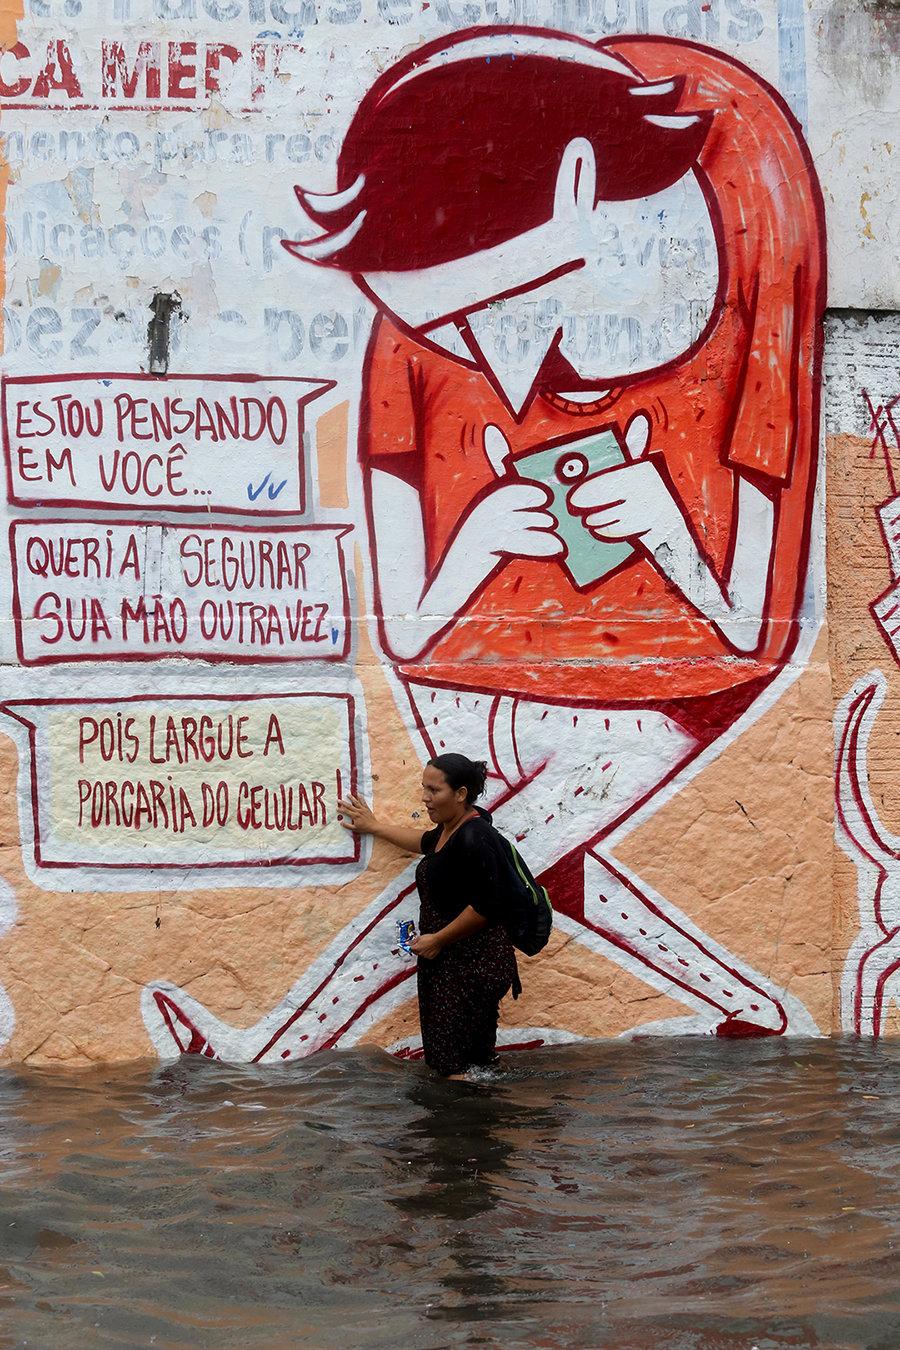 DIÁLOGOS_IMAGINÁRIOS_FABIO_LIMA_20.JPG